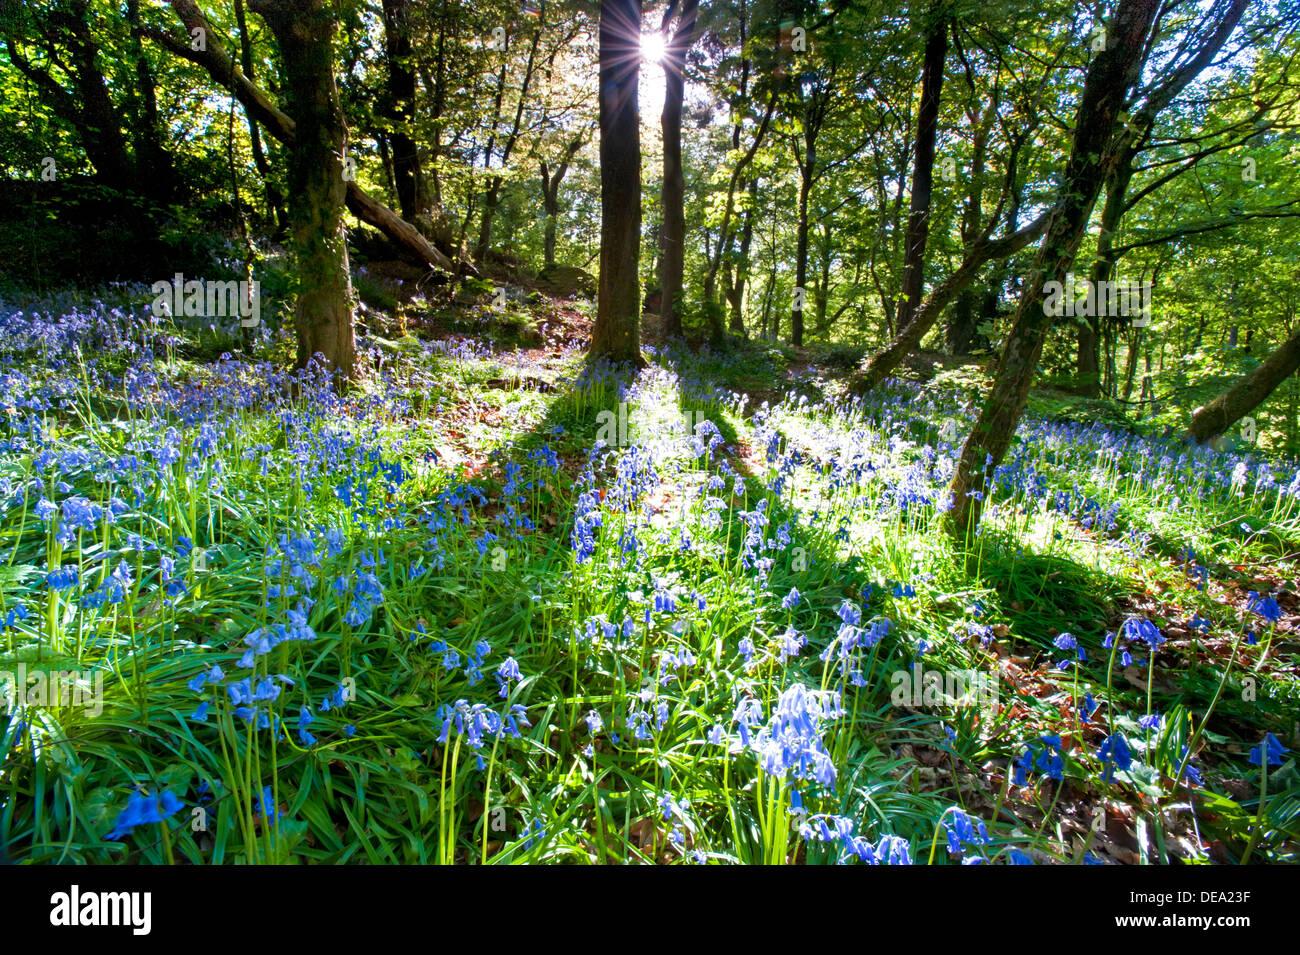 Licht und Schatten in einem Waldgebiet mit Glockenblumen, England, Großbritannien Stockbild